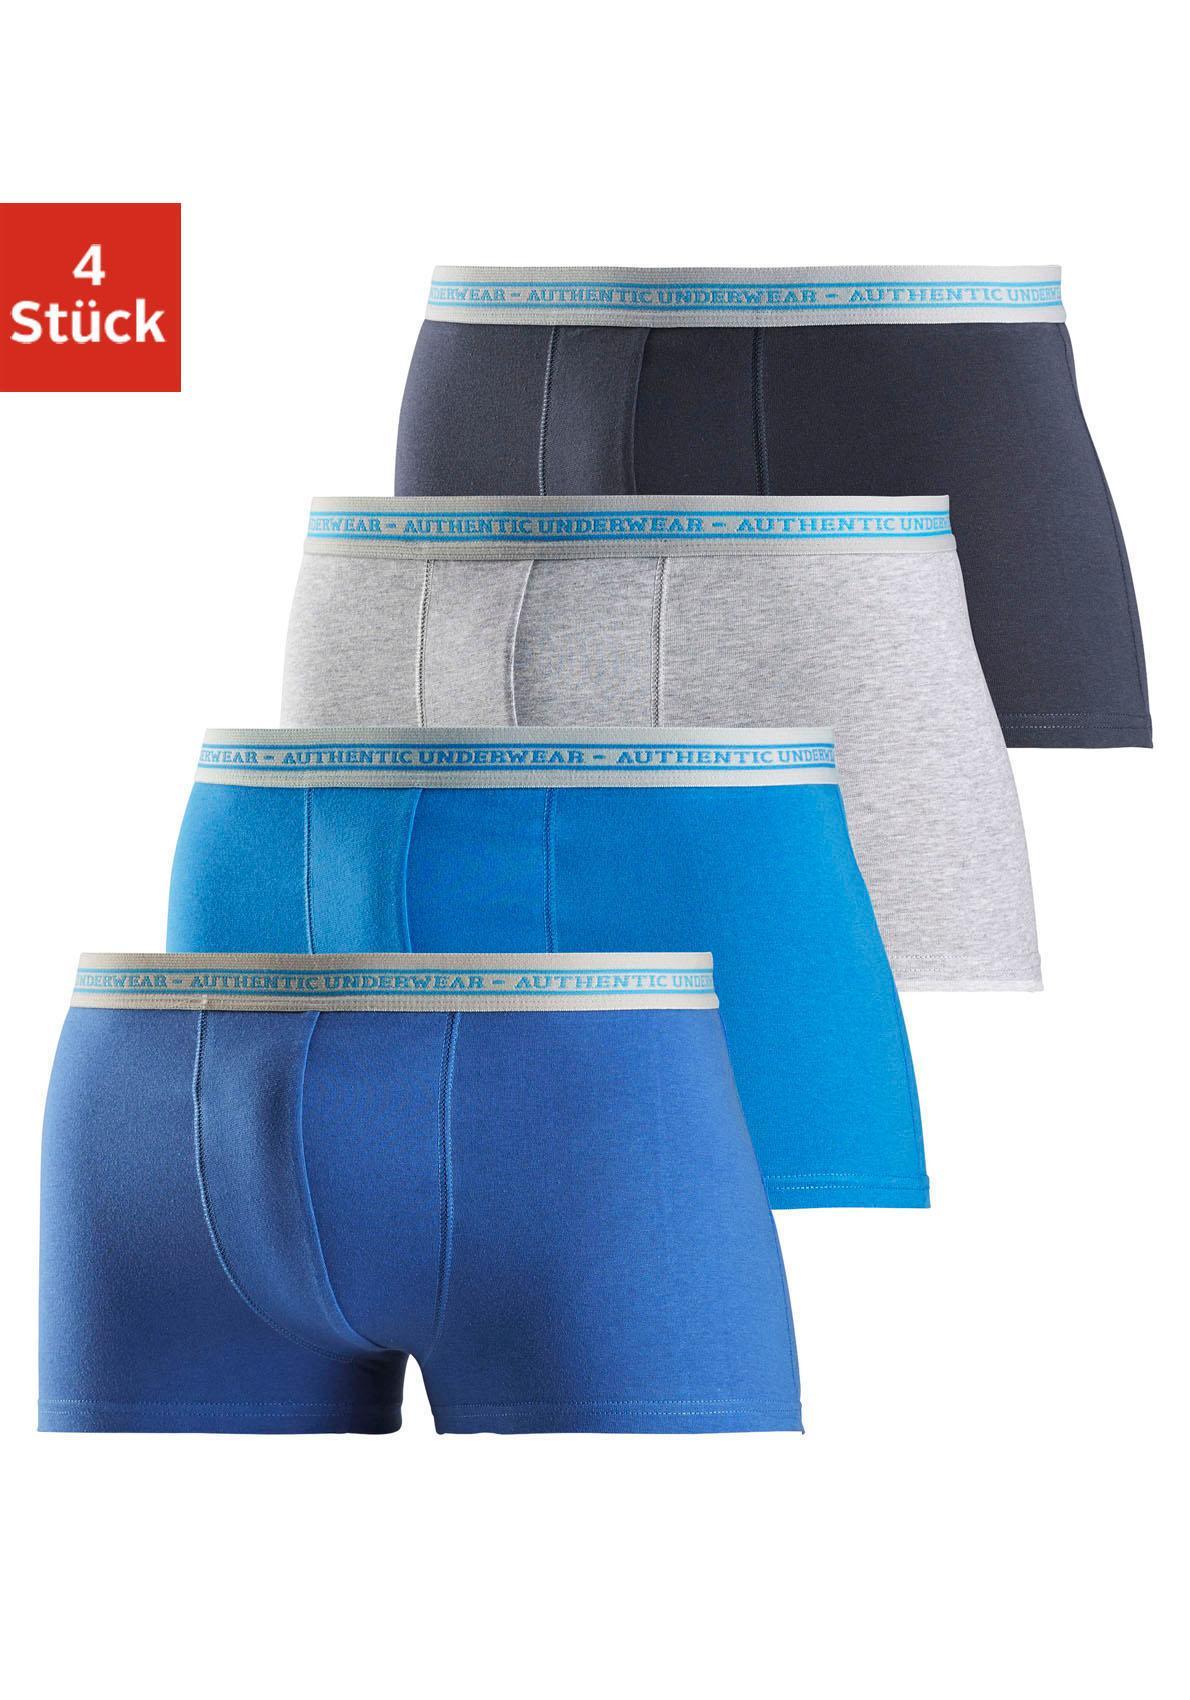 Image of Authentic Underwear, Baumwoll-Boxer (4 Stück), coole Boxer in tollen Farbpackungen